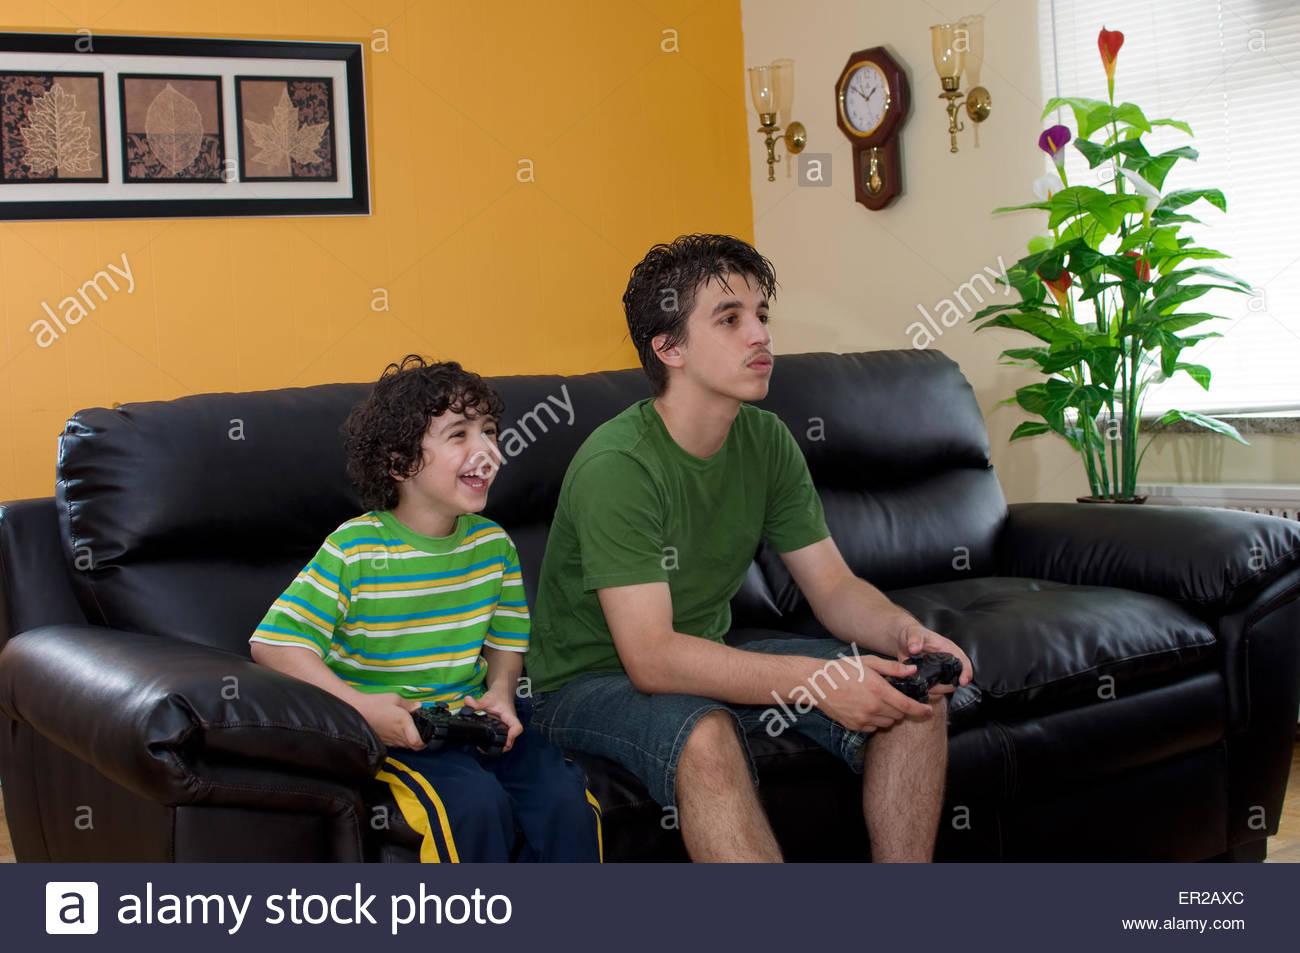 Petit Frère Et Grand Frère Heureux De Jouer À Des Jeux Vidéo concernant Jeux De Grand Garçon